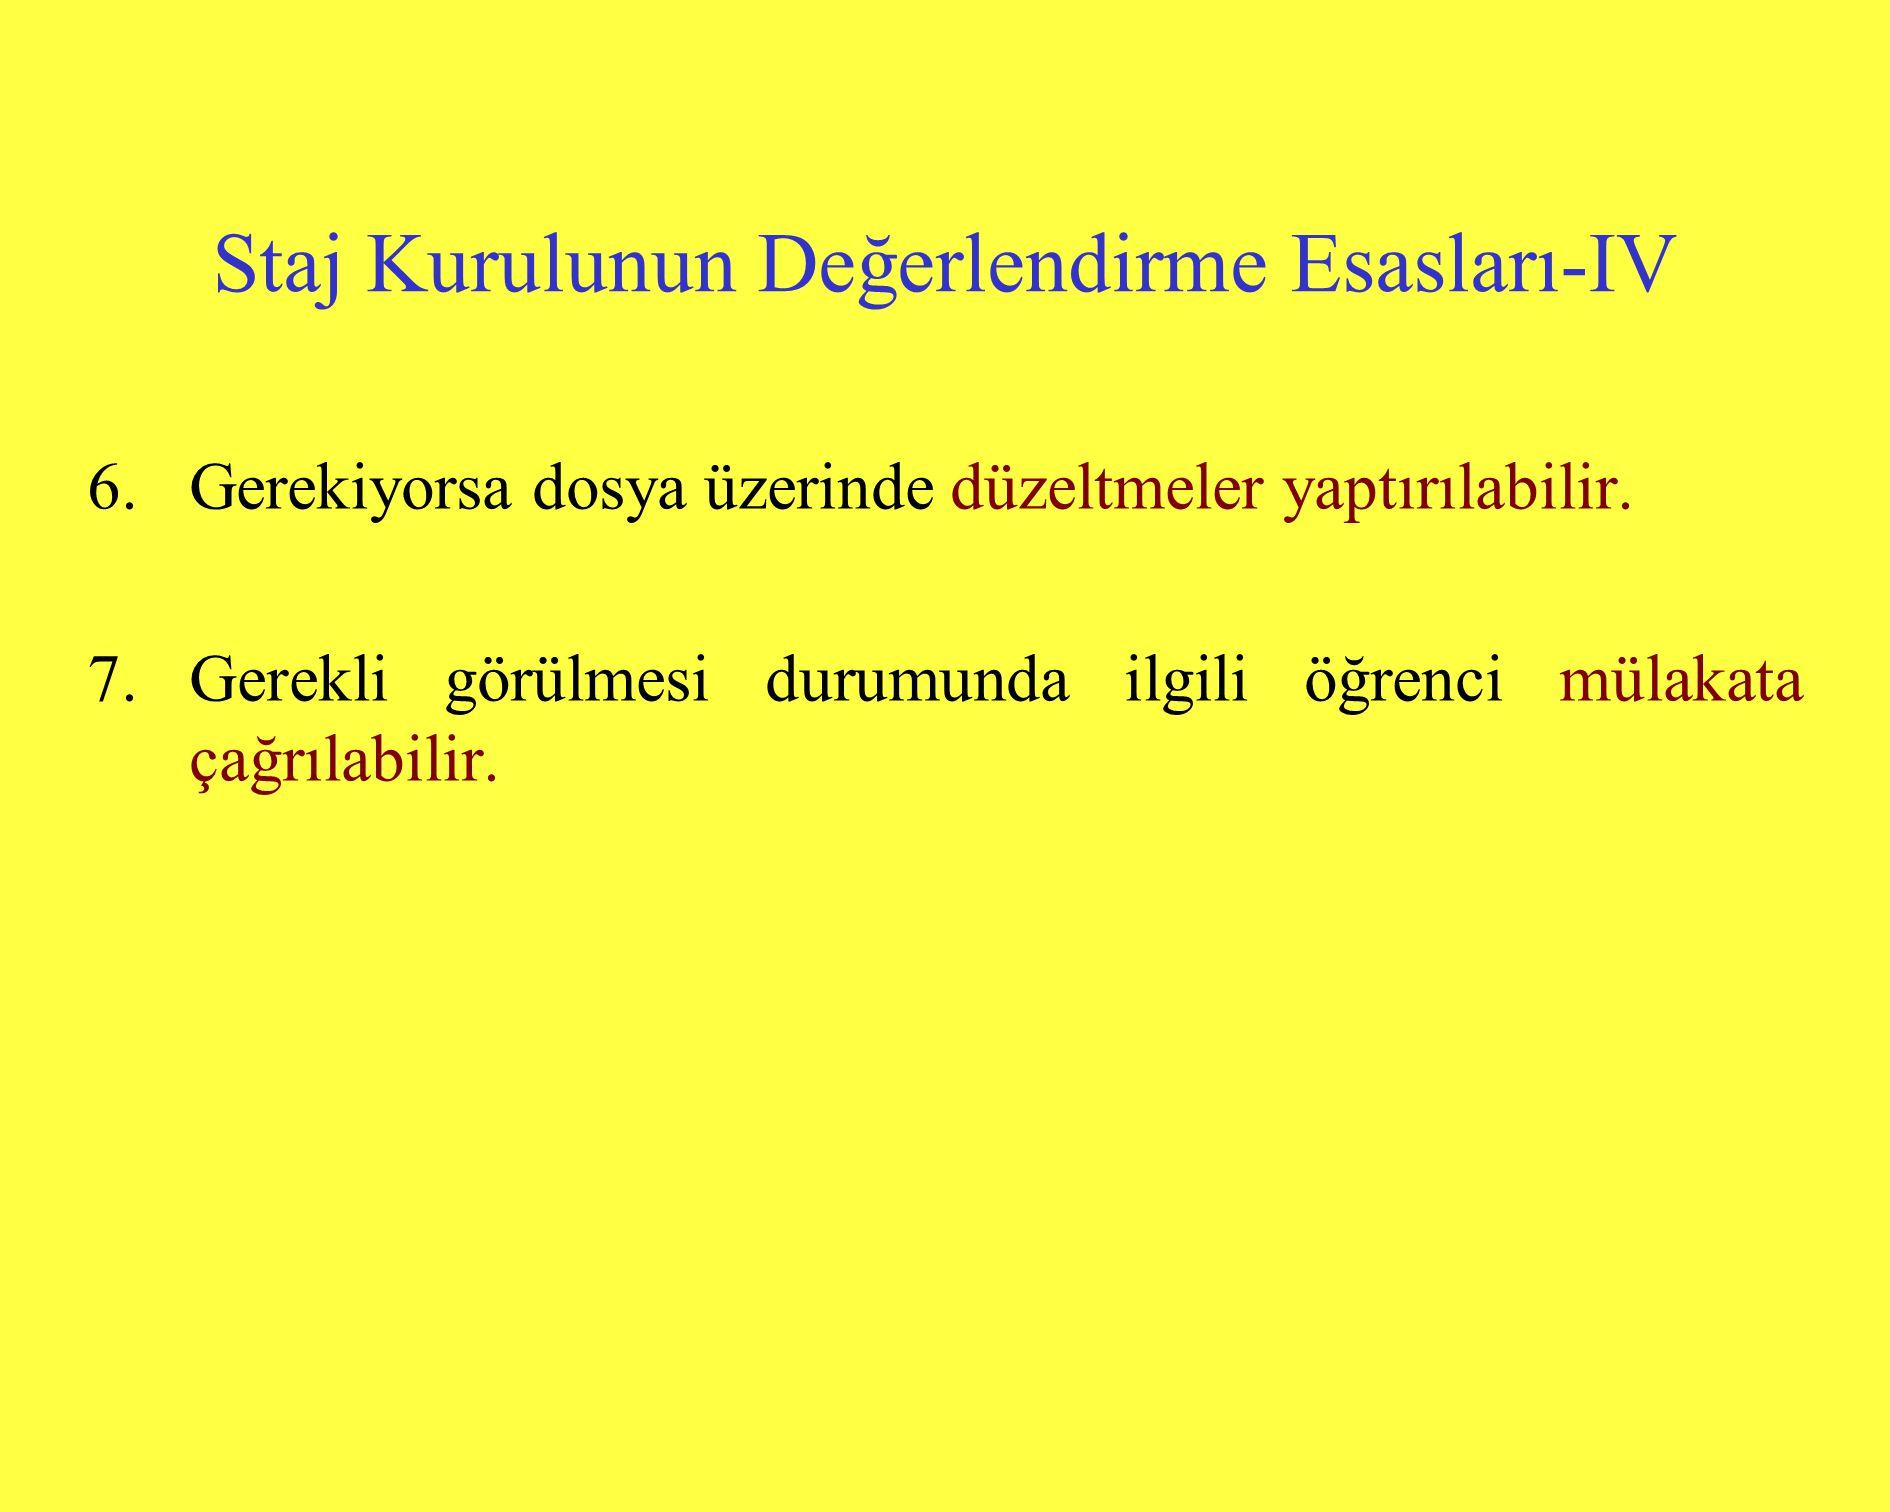 Staj Kurulunun Değerlendirme Esasları-IV 6.Gerekiyorsa dosya üzerinde düzeltmeler yaptırılabilir. 7.Gerekli görülmesi durumunda ilgili öğrenci mülakat